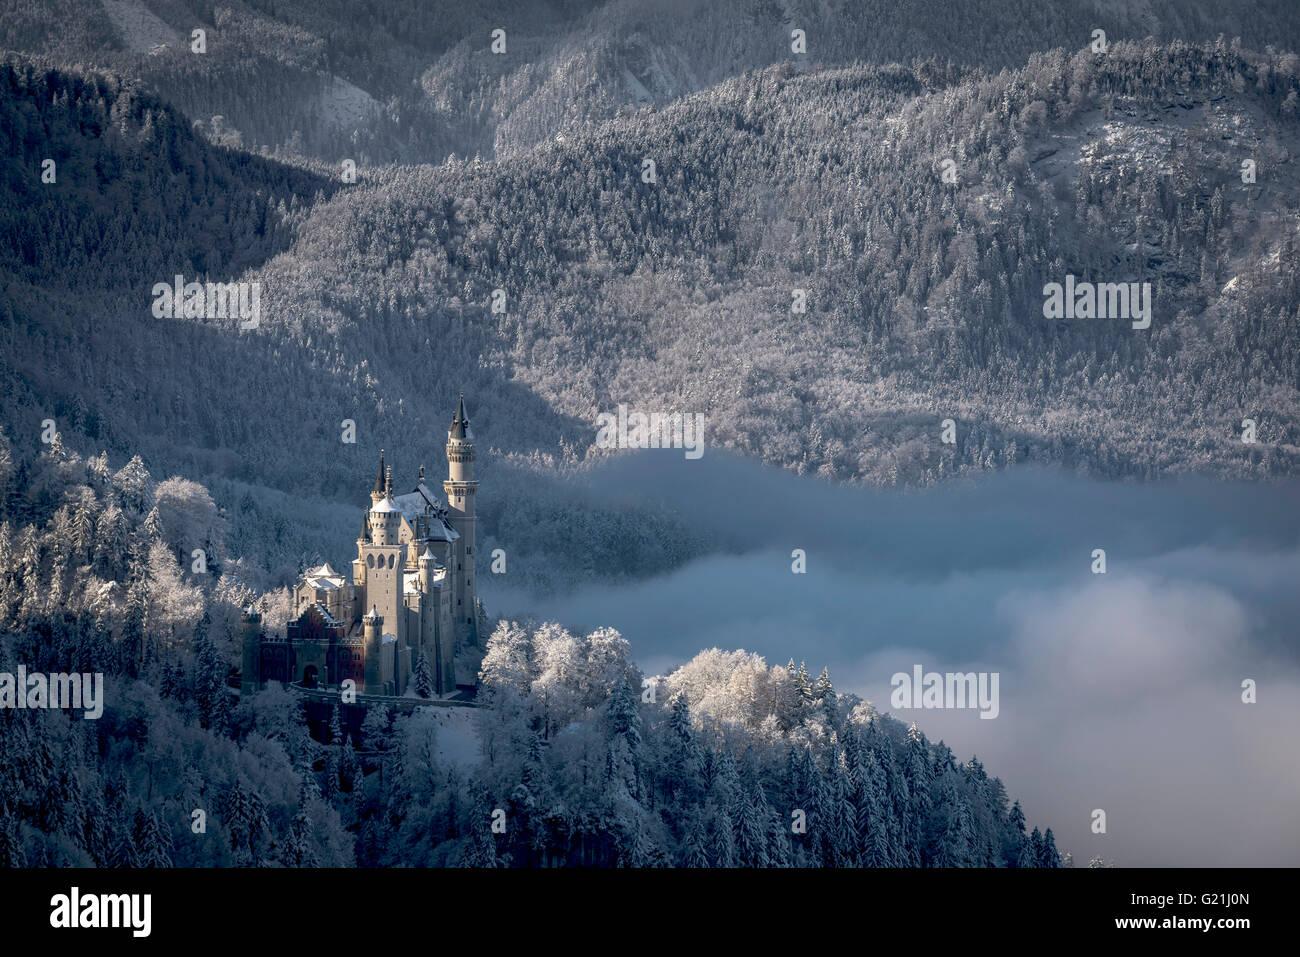 Neuschwanstein Castle with snowy mountains, Allgäu Alps, Fussen, Allgäu, Bavaria, Germany - Stock Image